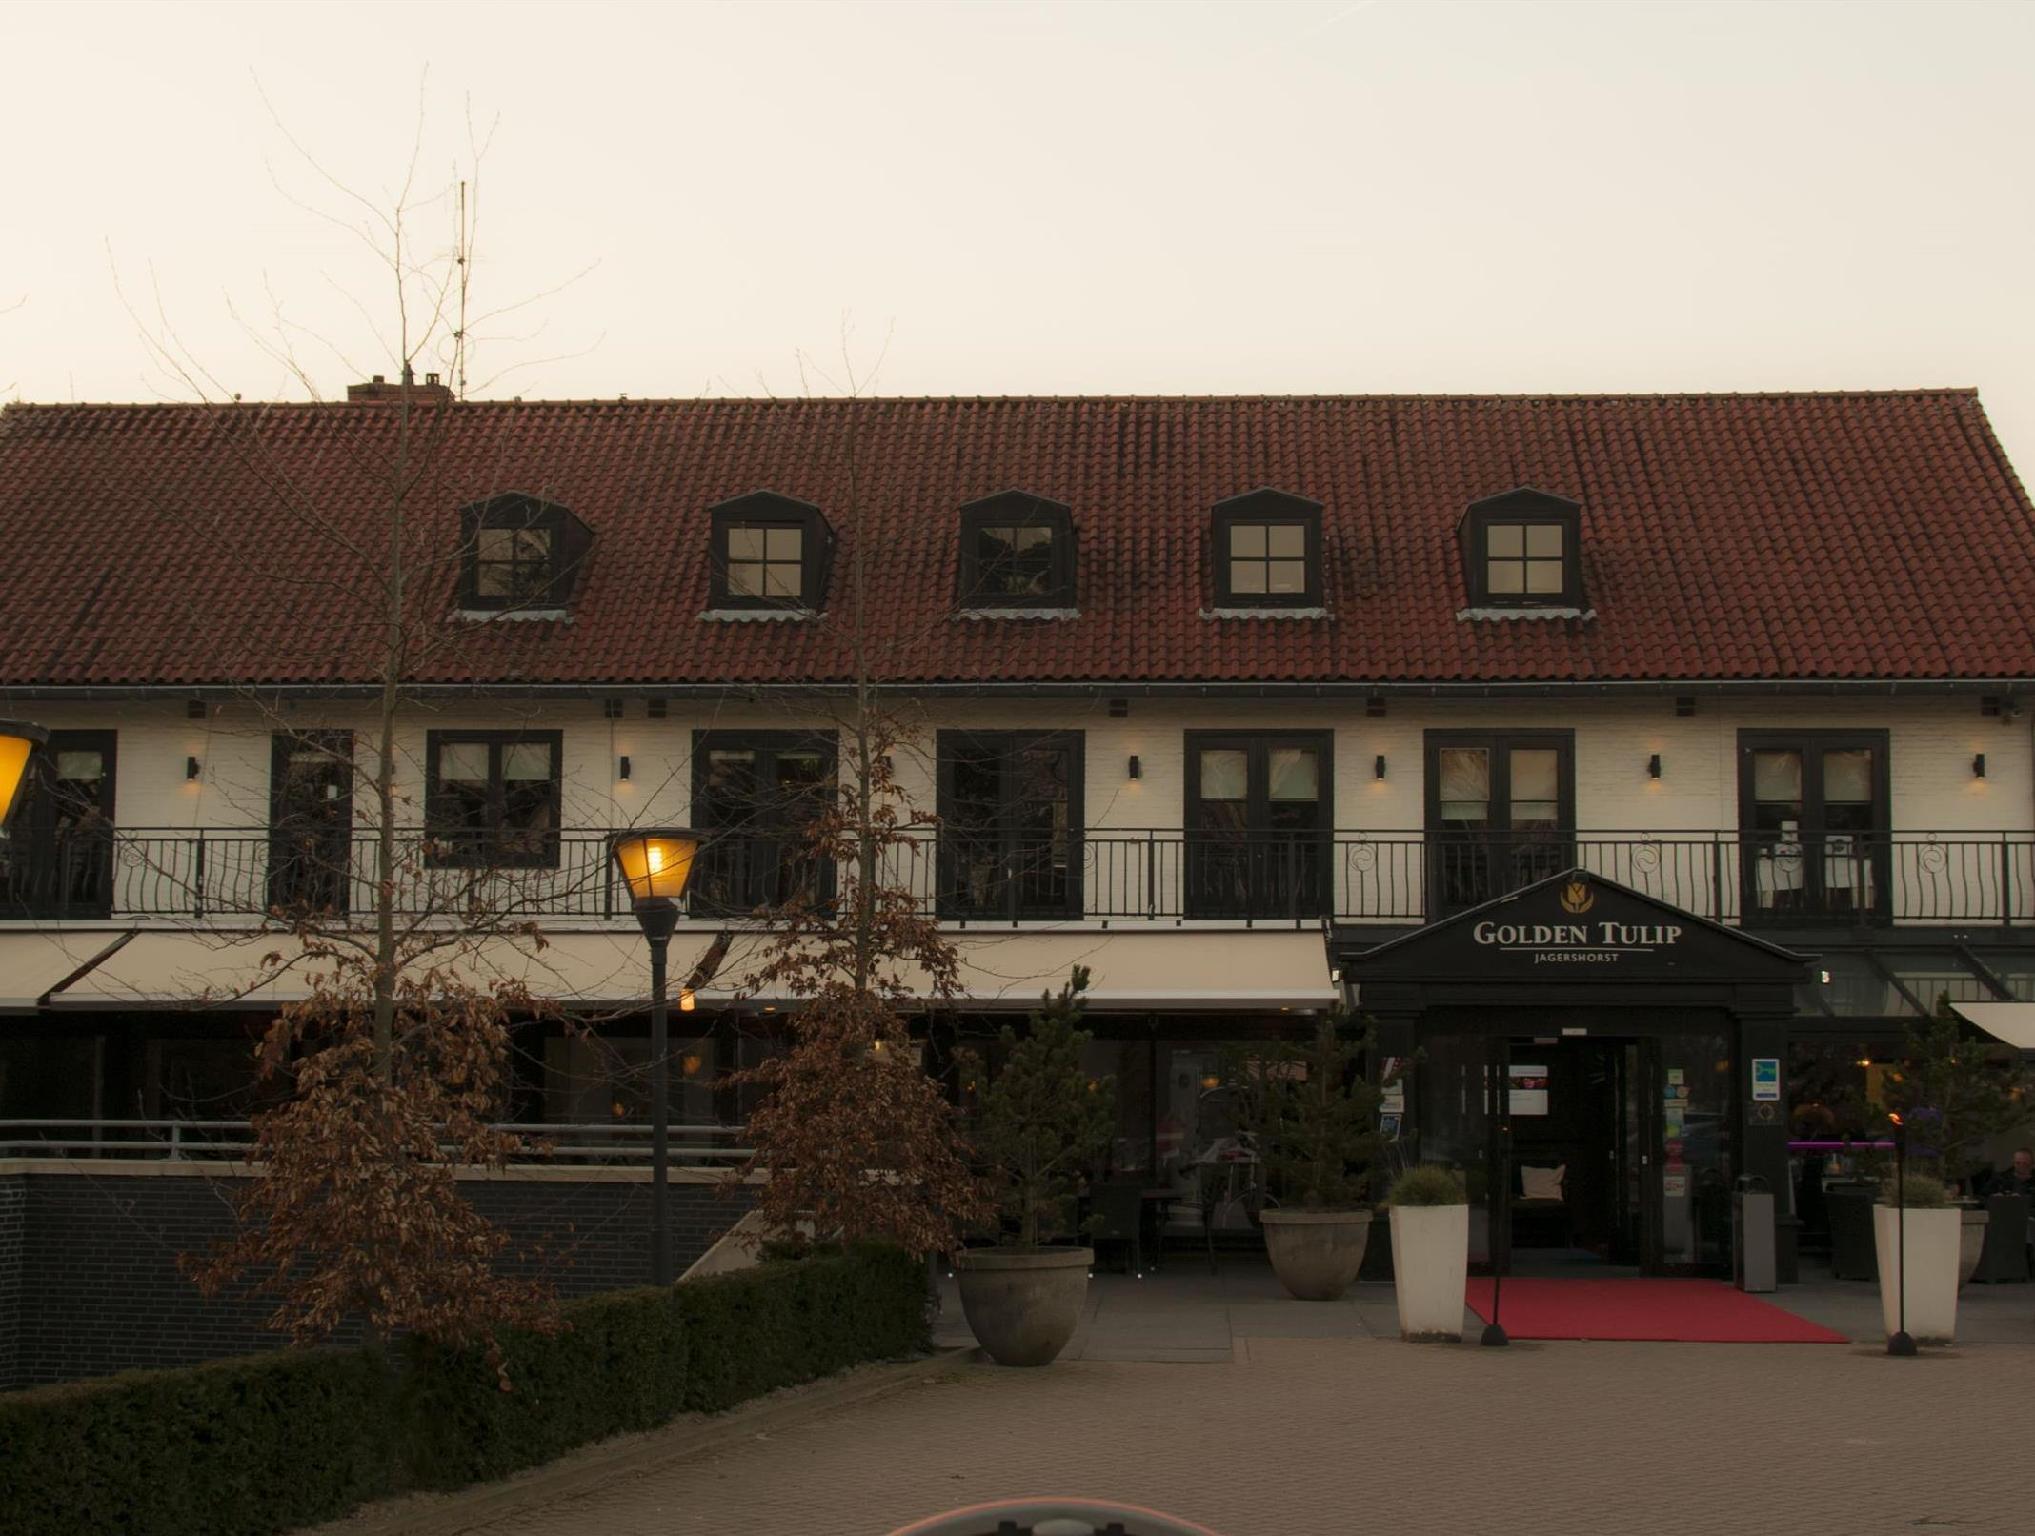 Fletcher Hotel Restaurant Jagershorst Eindhoven  Former Golden Tulip Jagershorst Eindhoven